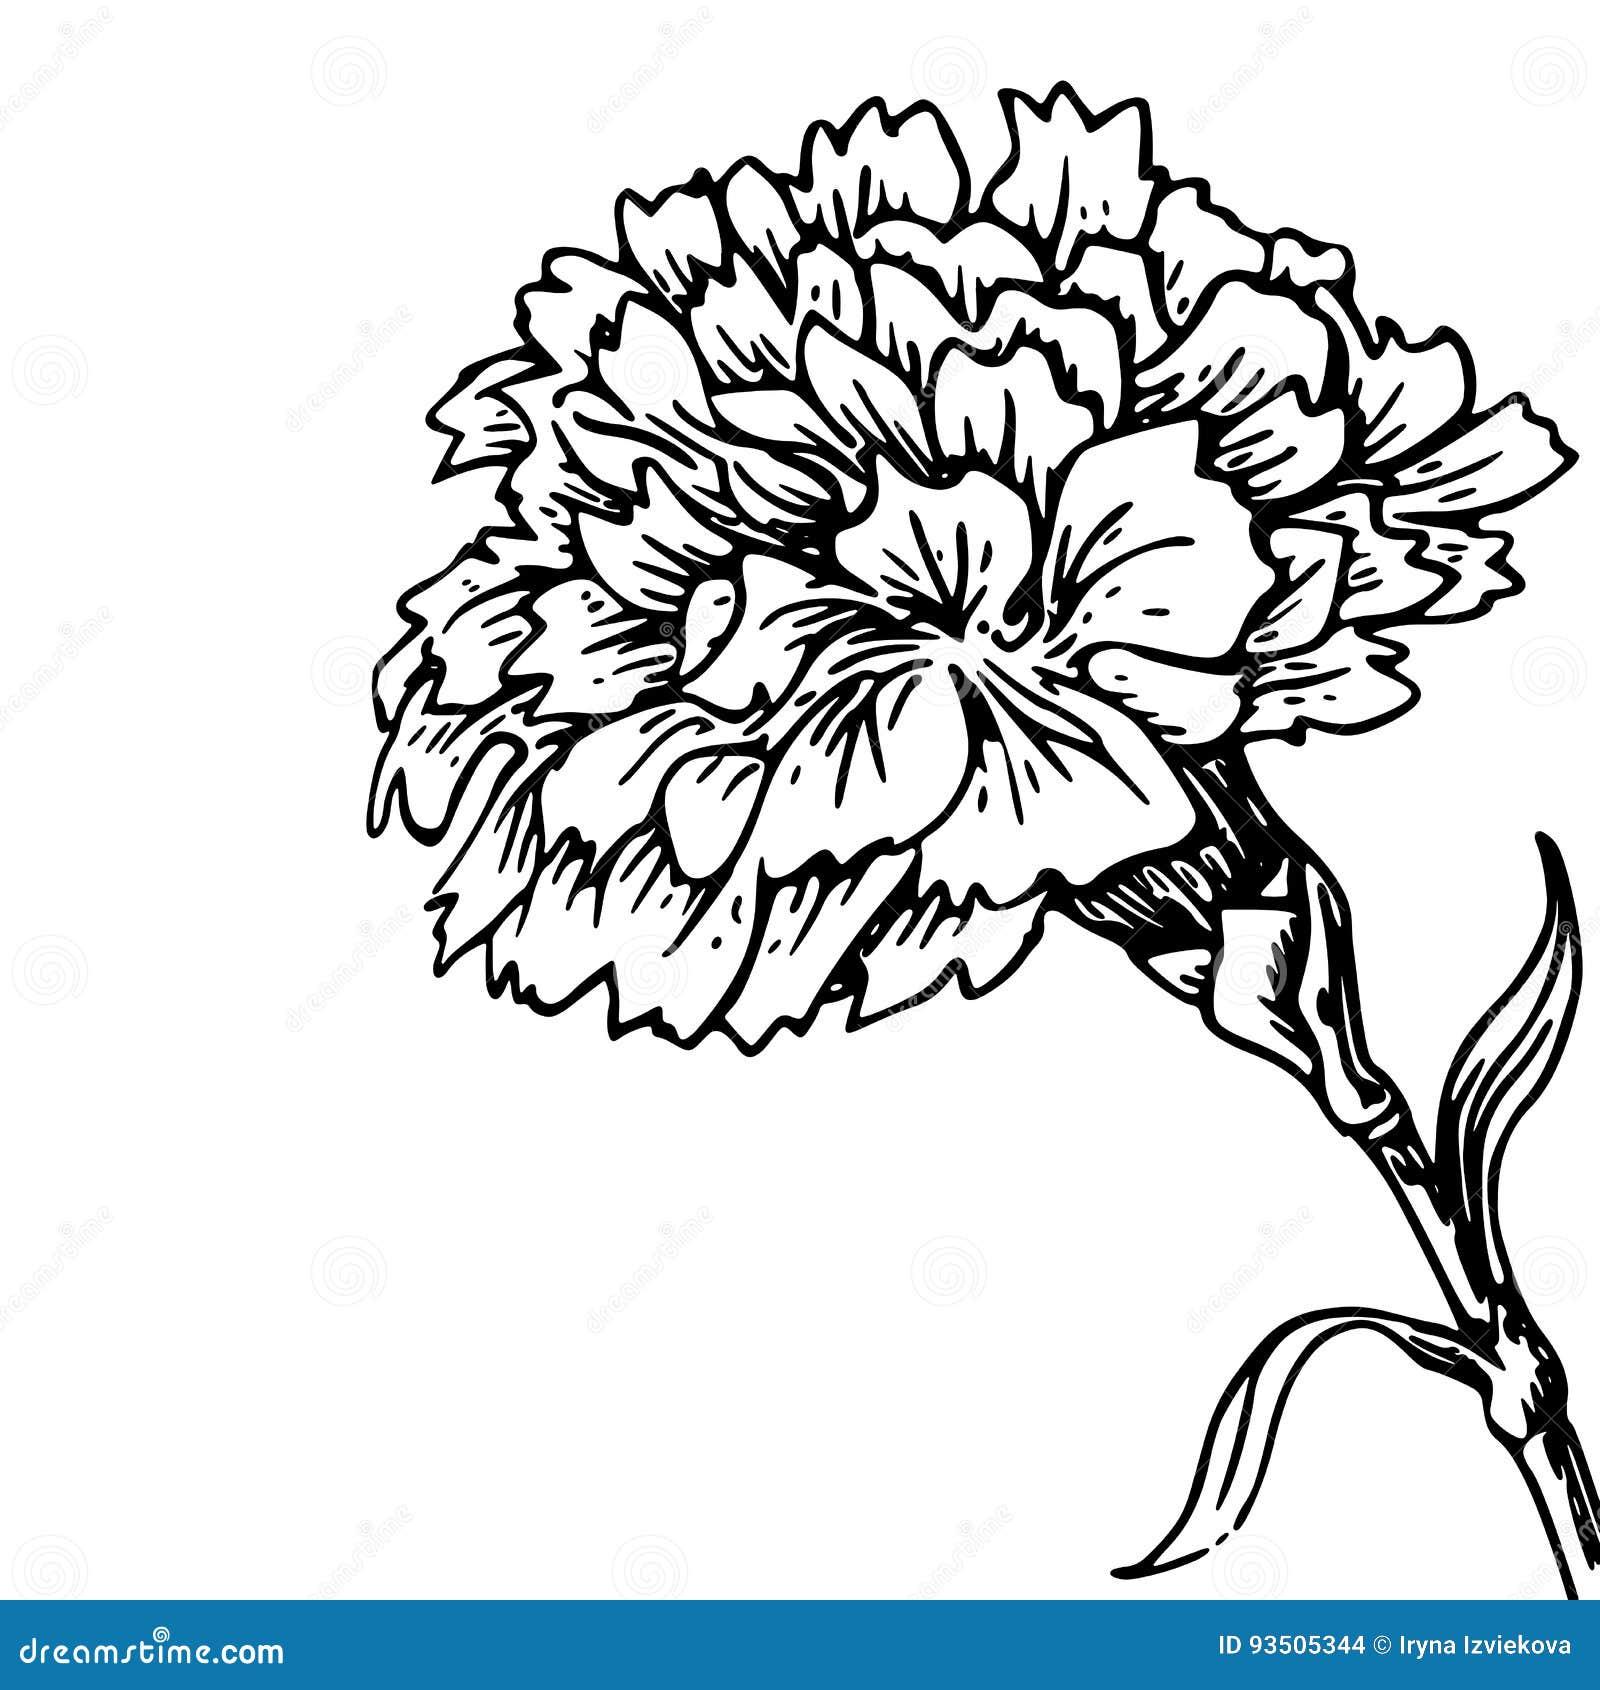 Tatouage Fleur Oeillet Idee D Image De Fleur